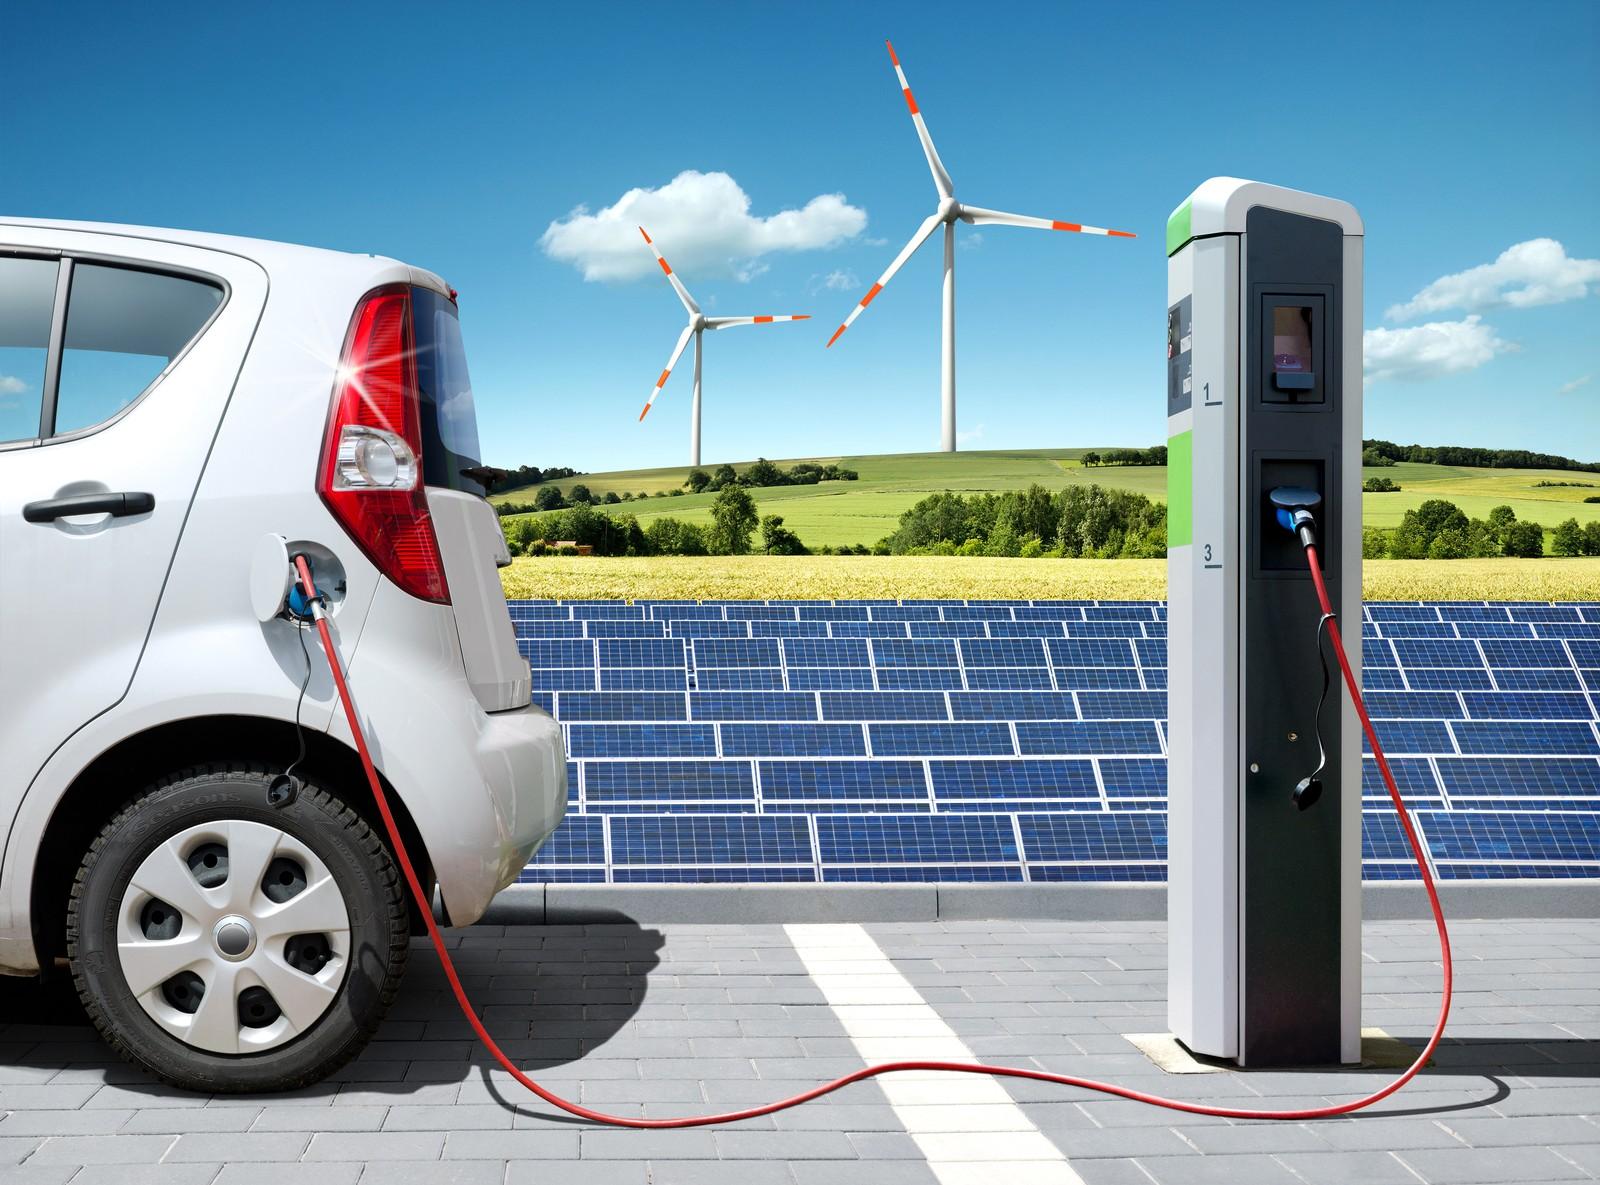 Elektroautos sind auf schnelle und zuverlässige Ladestationen angewiesen. Eisele liefert optimal abgestimmte Anschlusskomponenten für die Wasserkühlung der elektrotechnischen Infrastruktur.